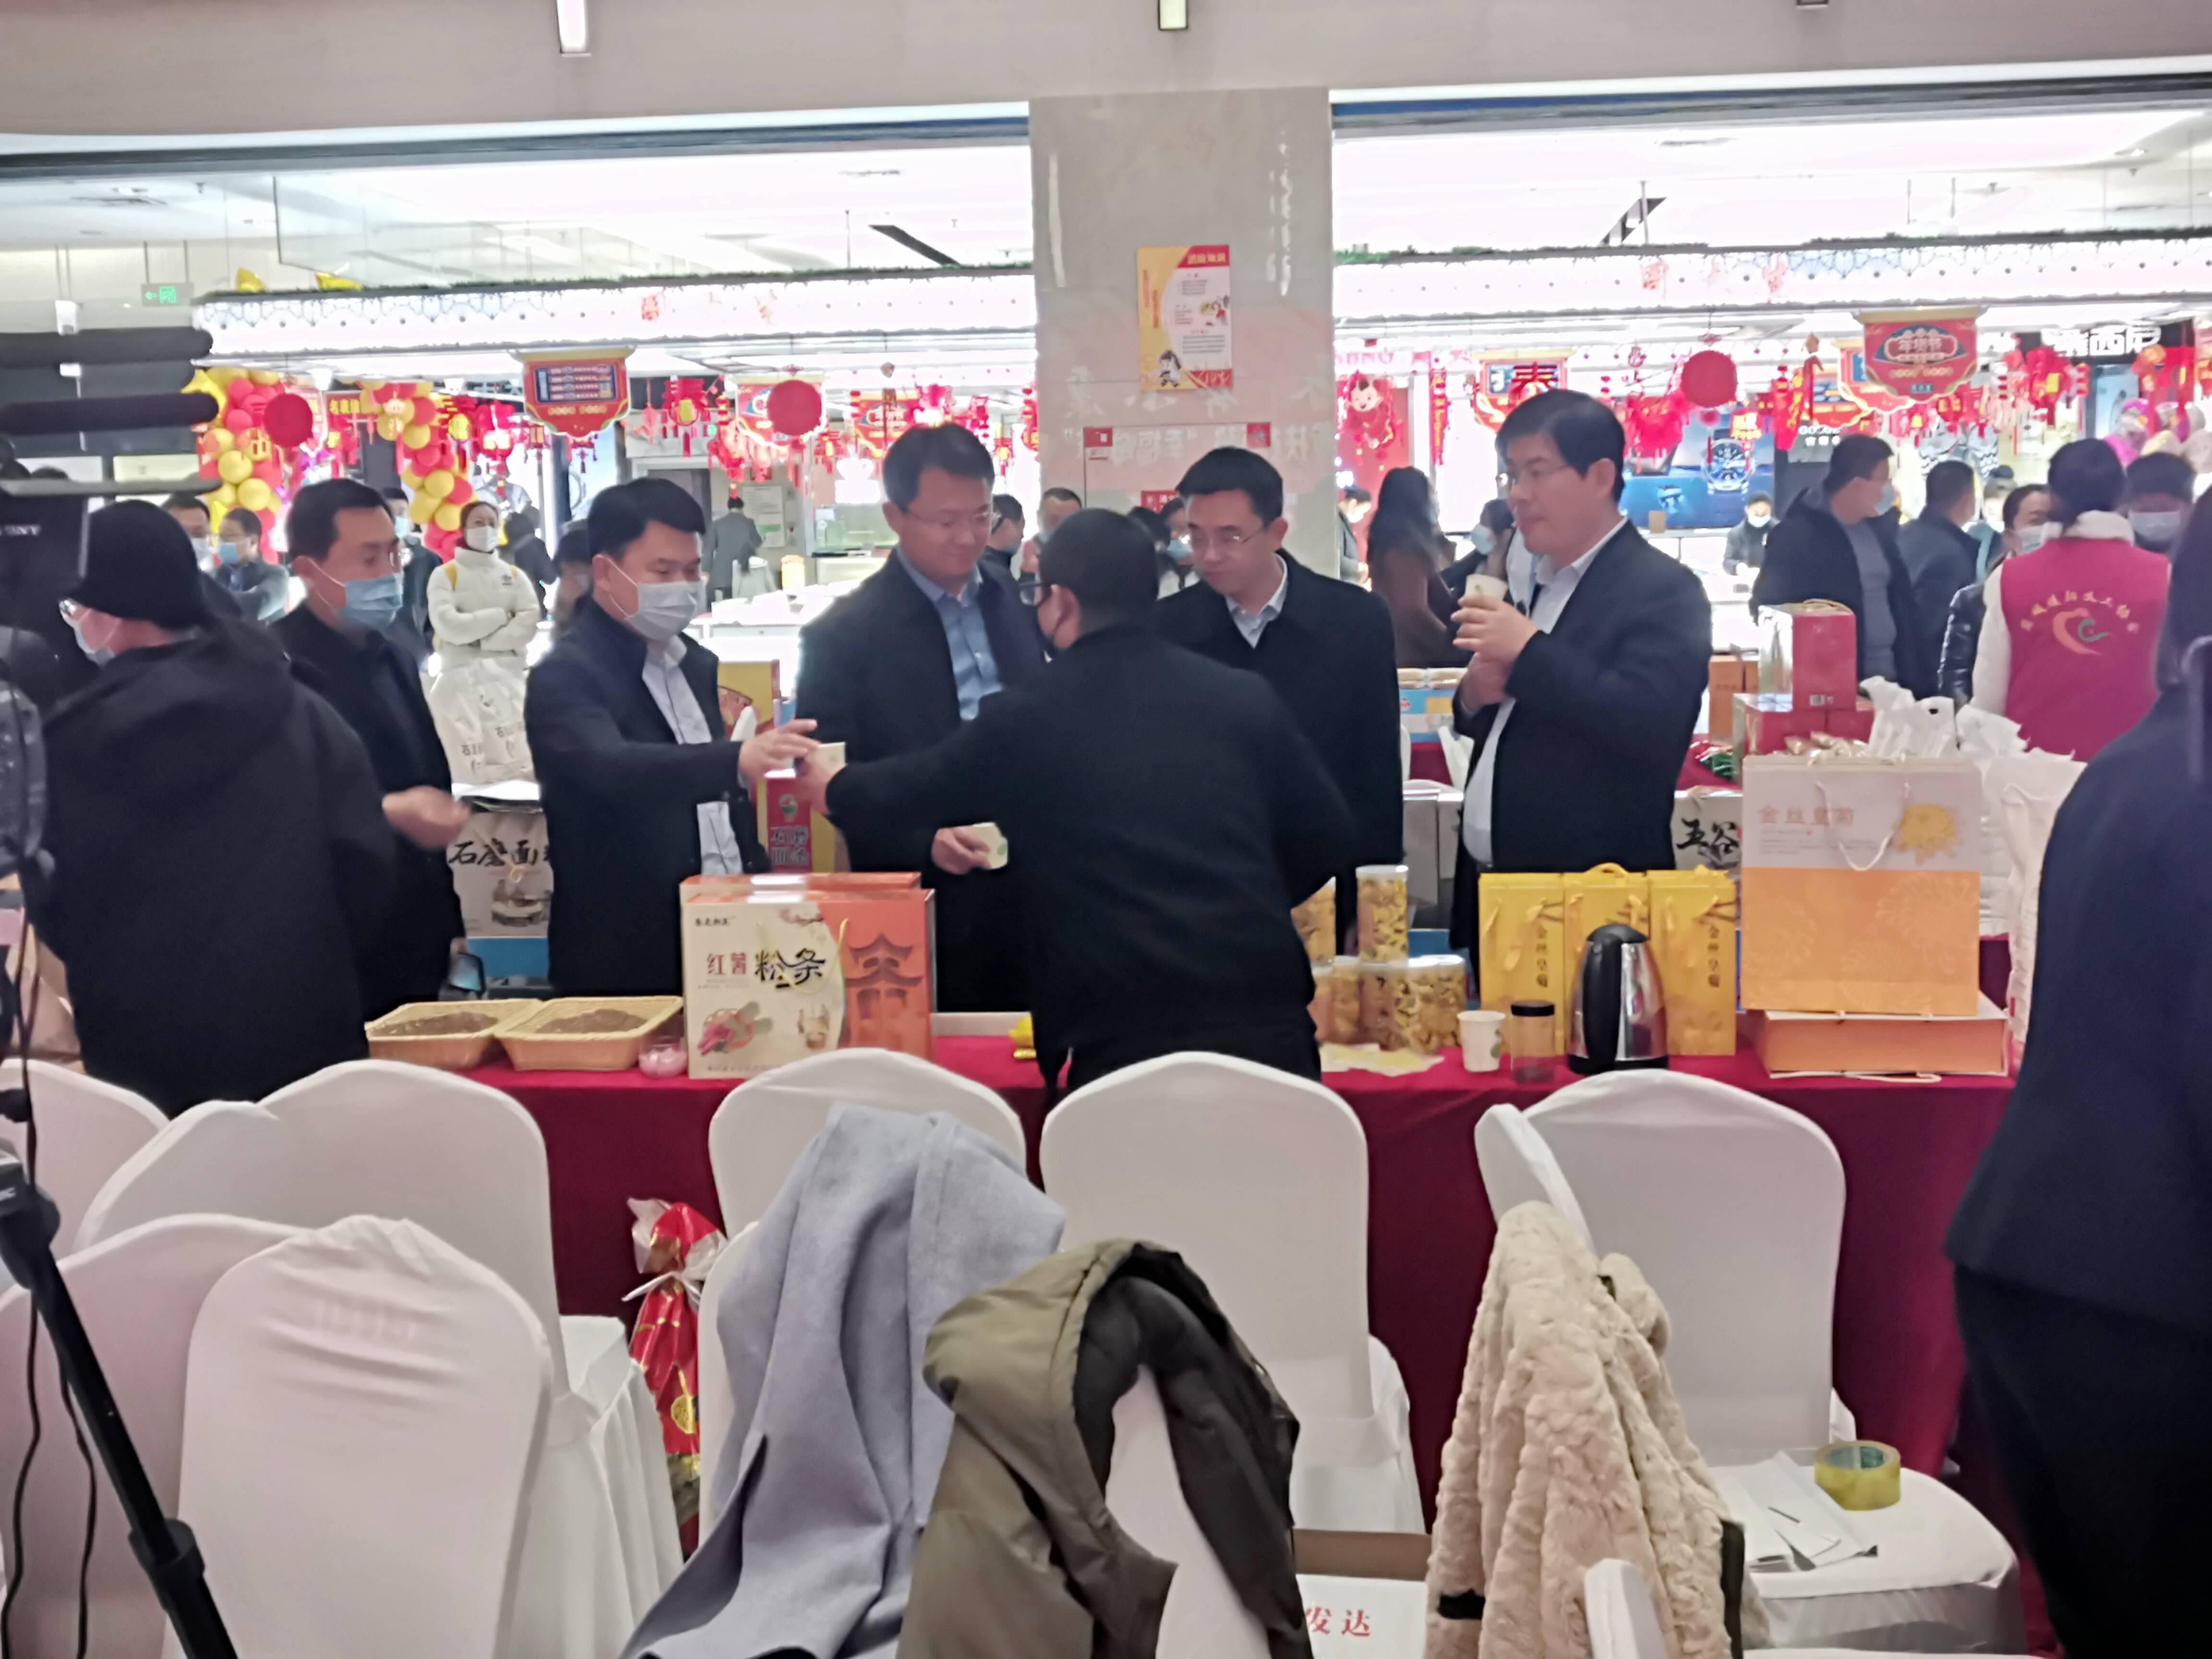 120余种产品多次卖断货,枣庄薛城区消费扶贫产品展销挺火爆